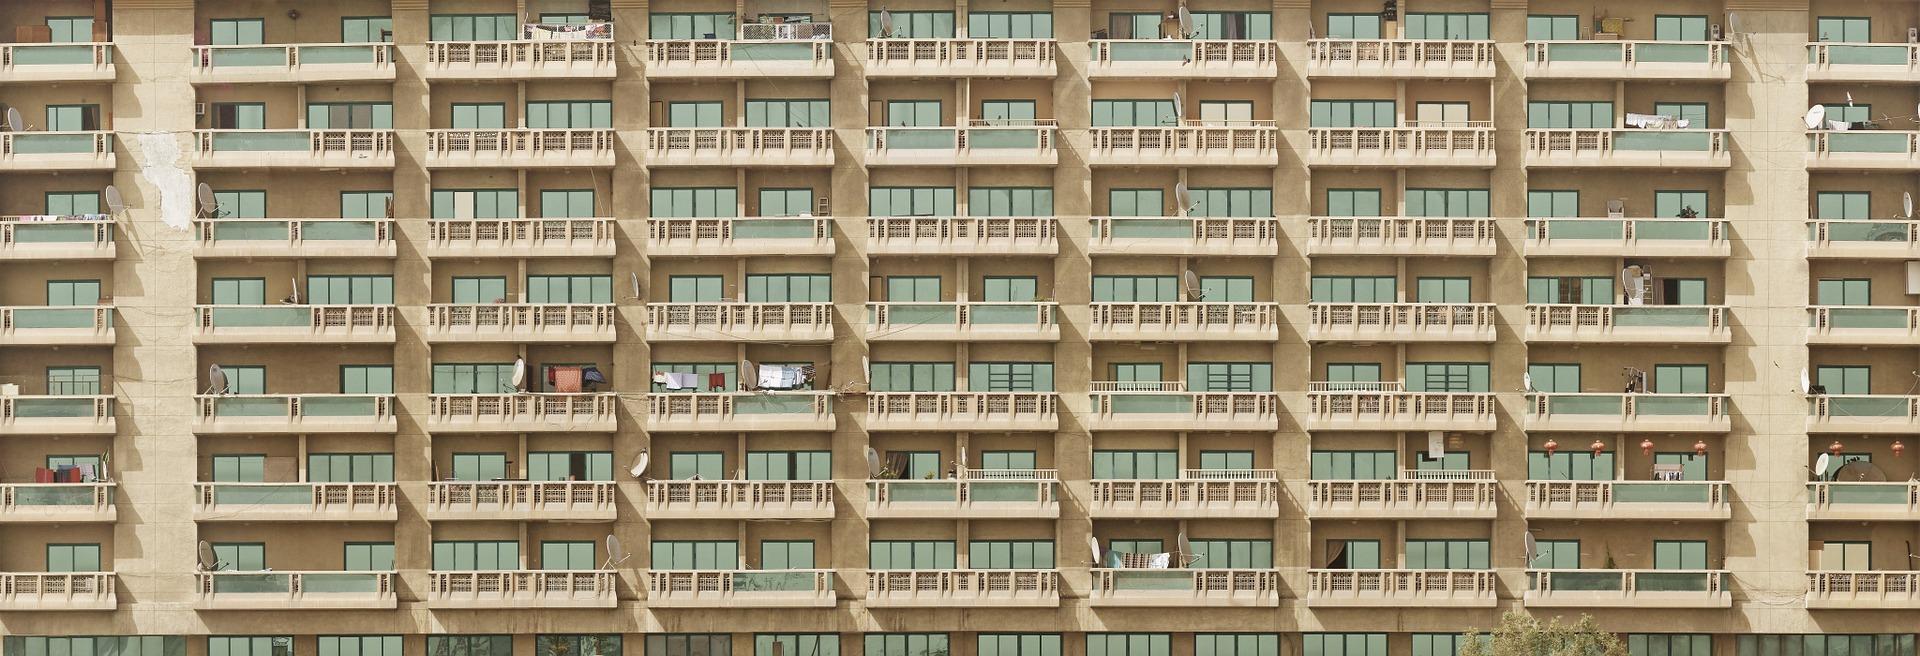 El Tribunal Supremo avala el decreto que regula las viviendas de uso turístico en Castilla y León